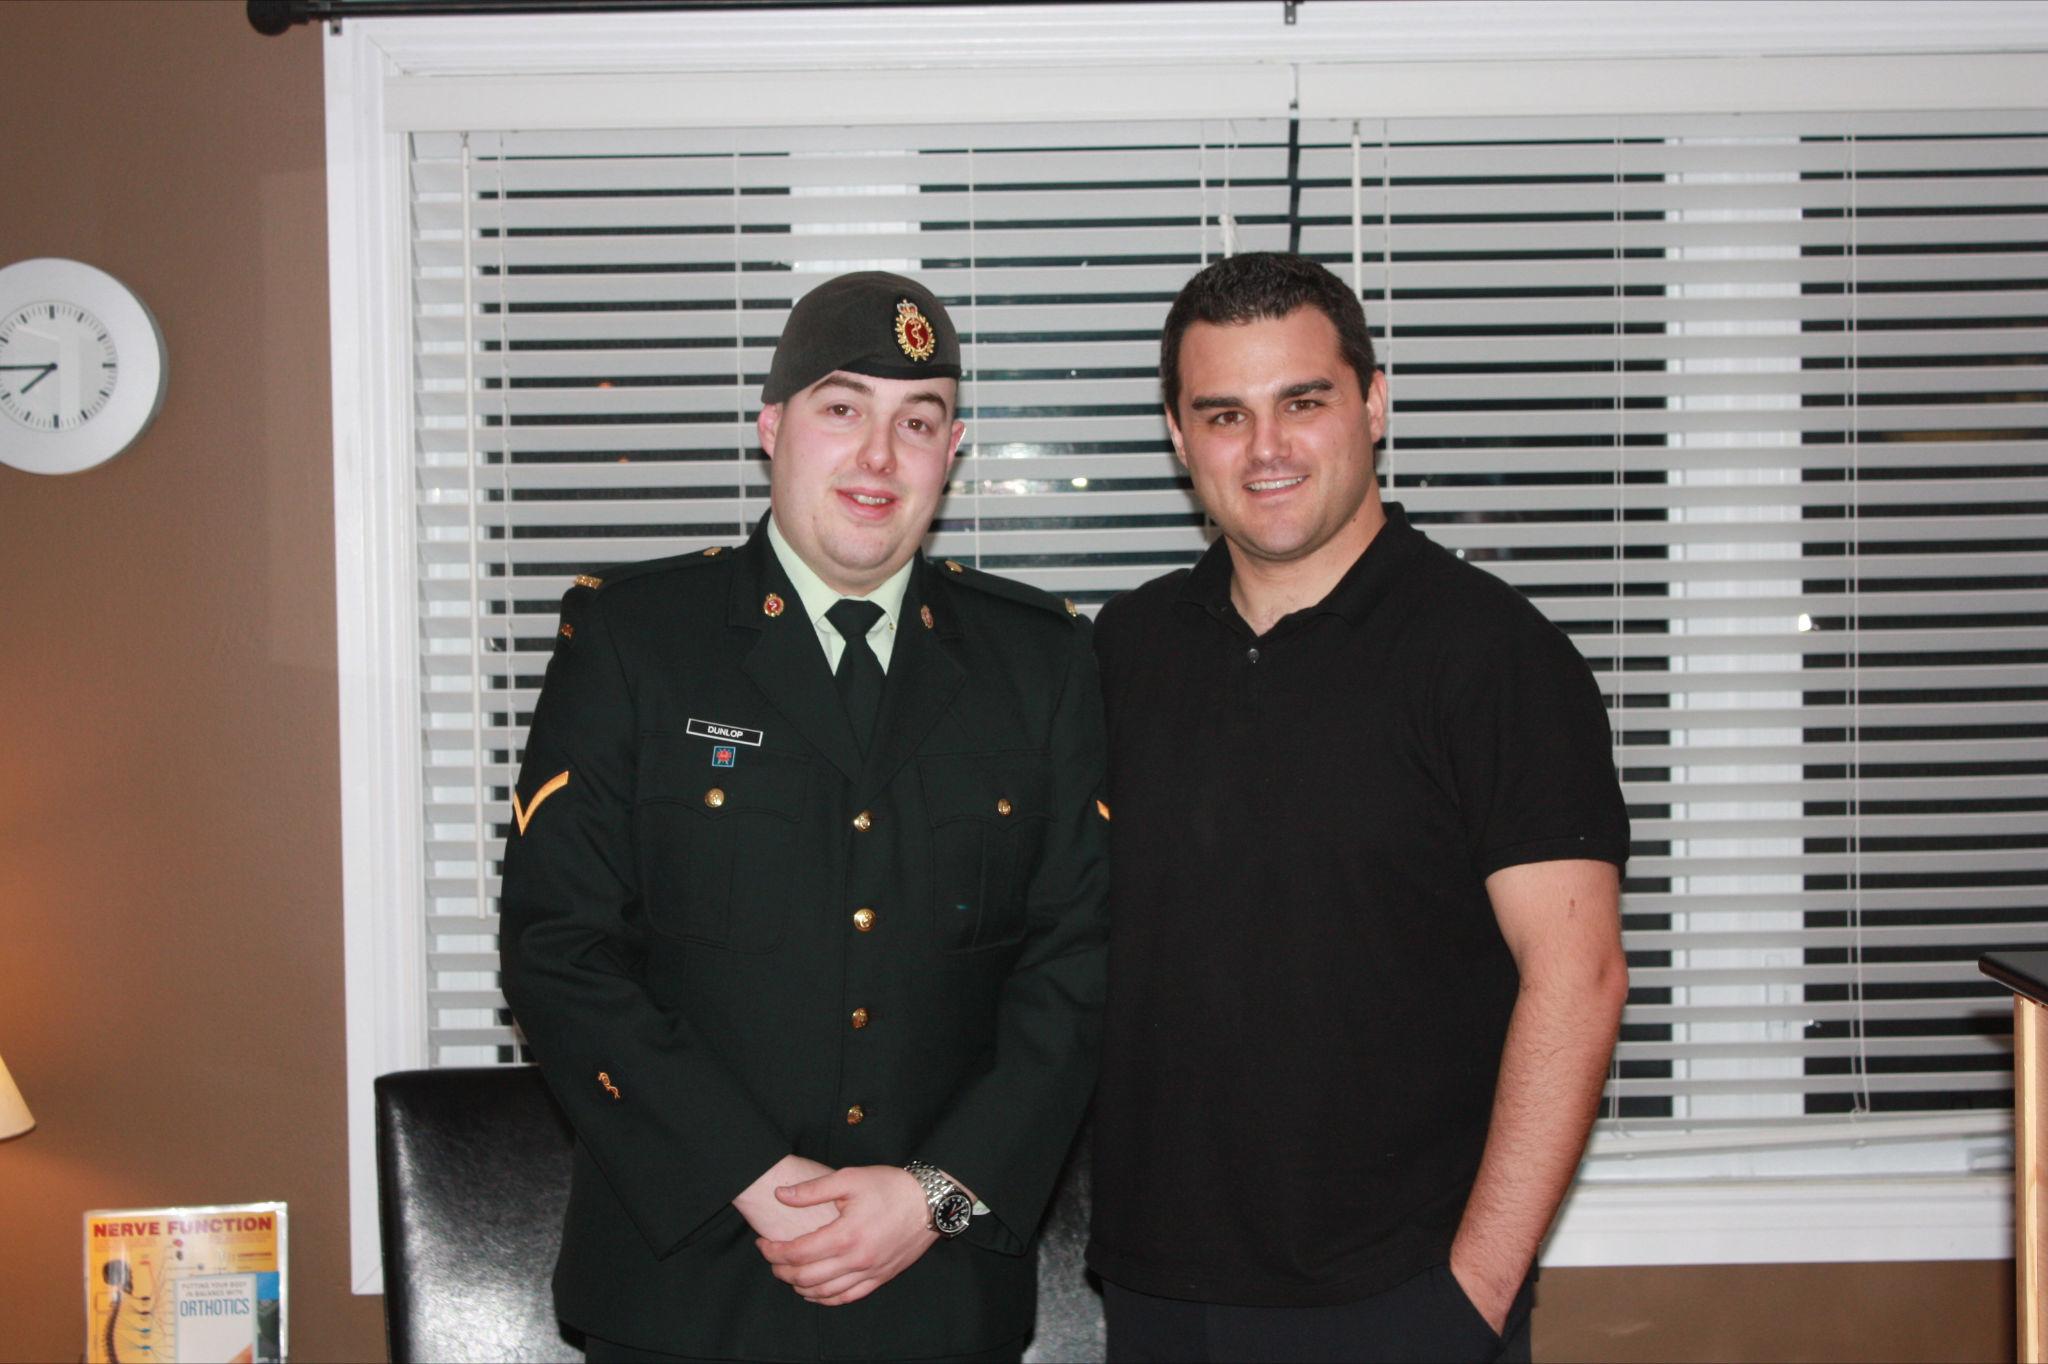 Private Ryan Dunlop & Dr. Mark Kohut